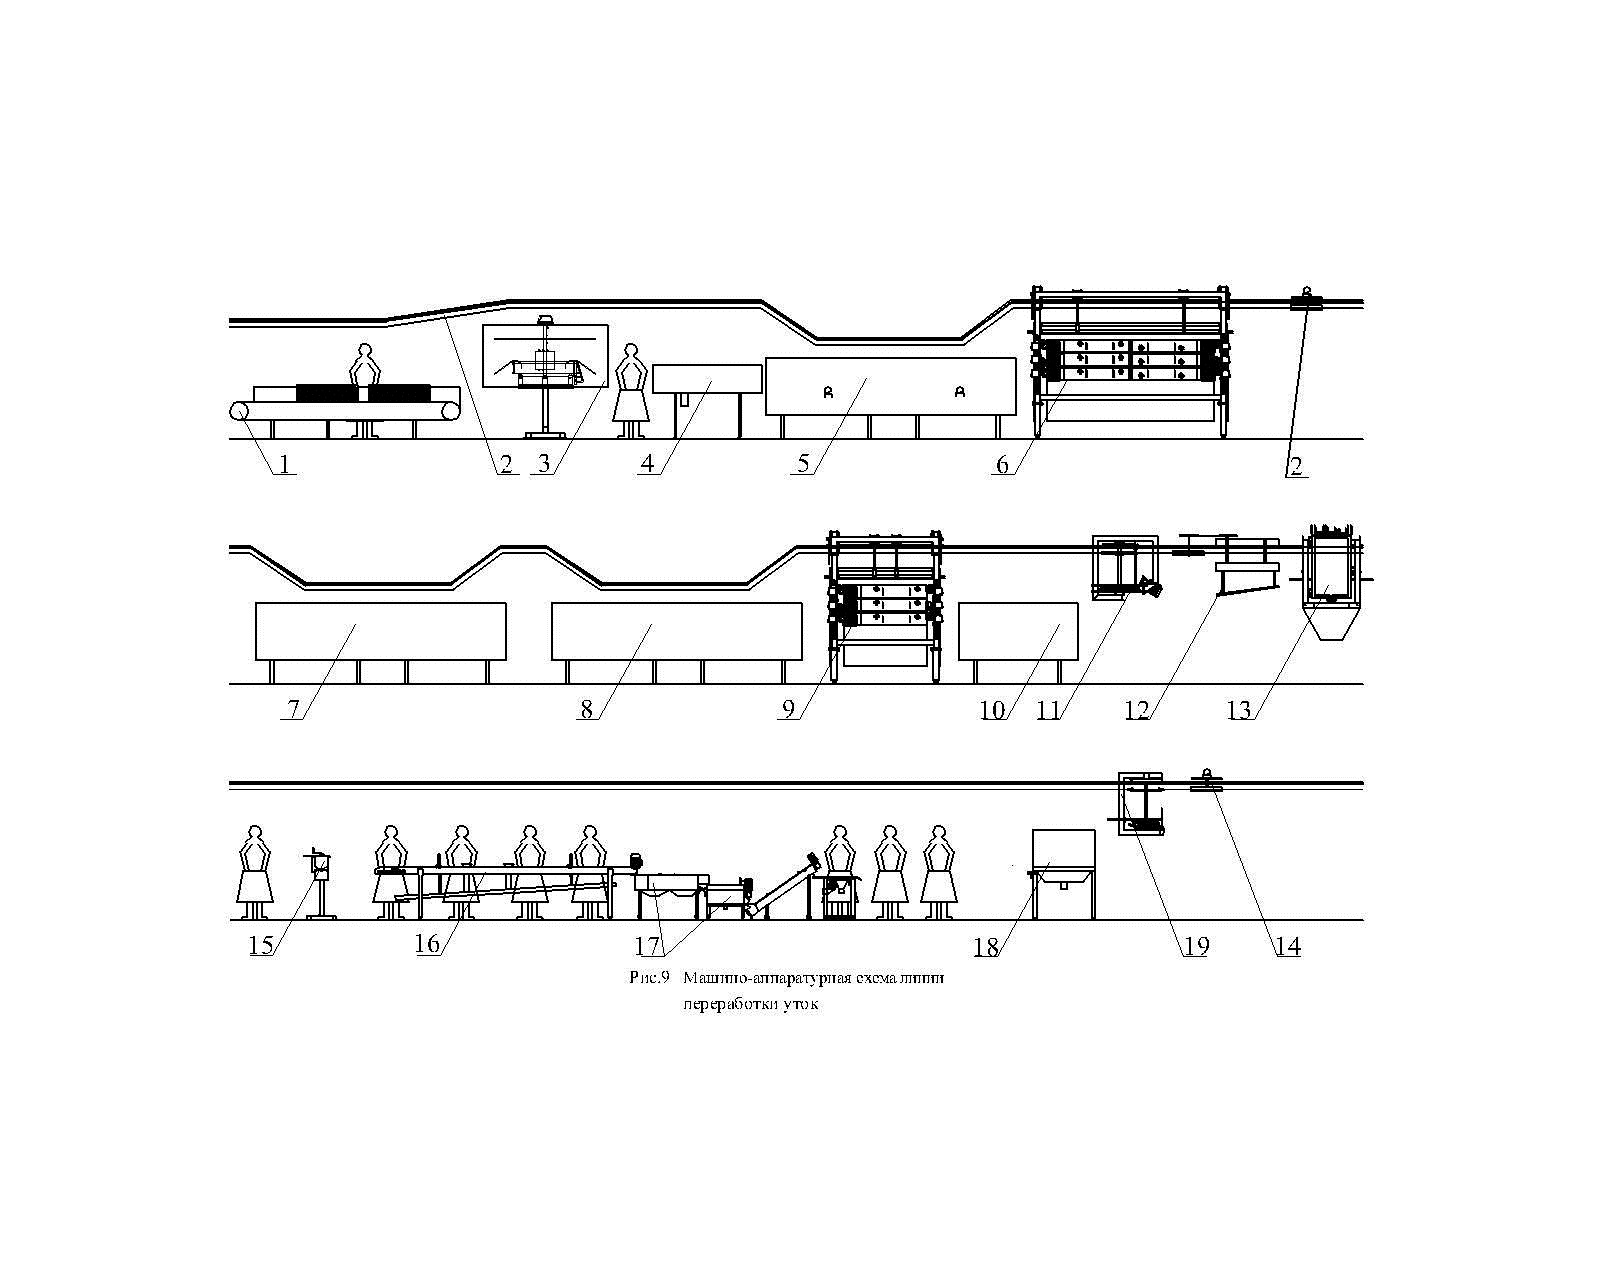 машино-аппаратурная схема линии переработки  уток